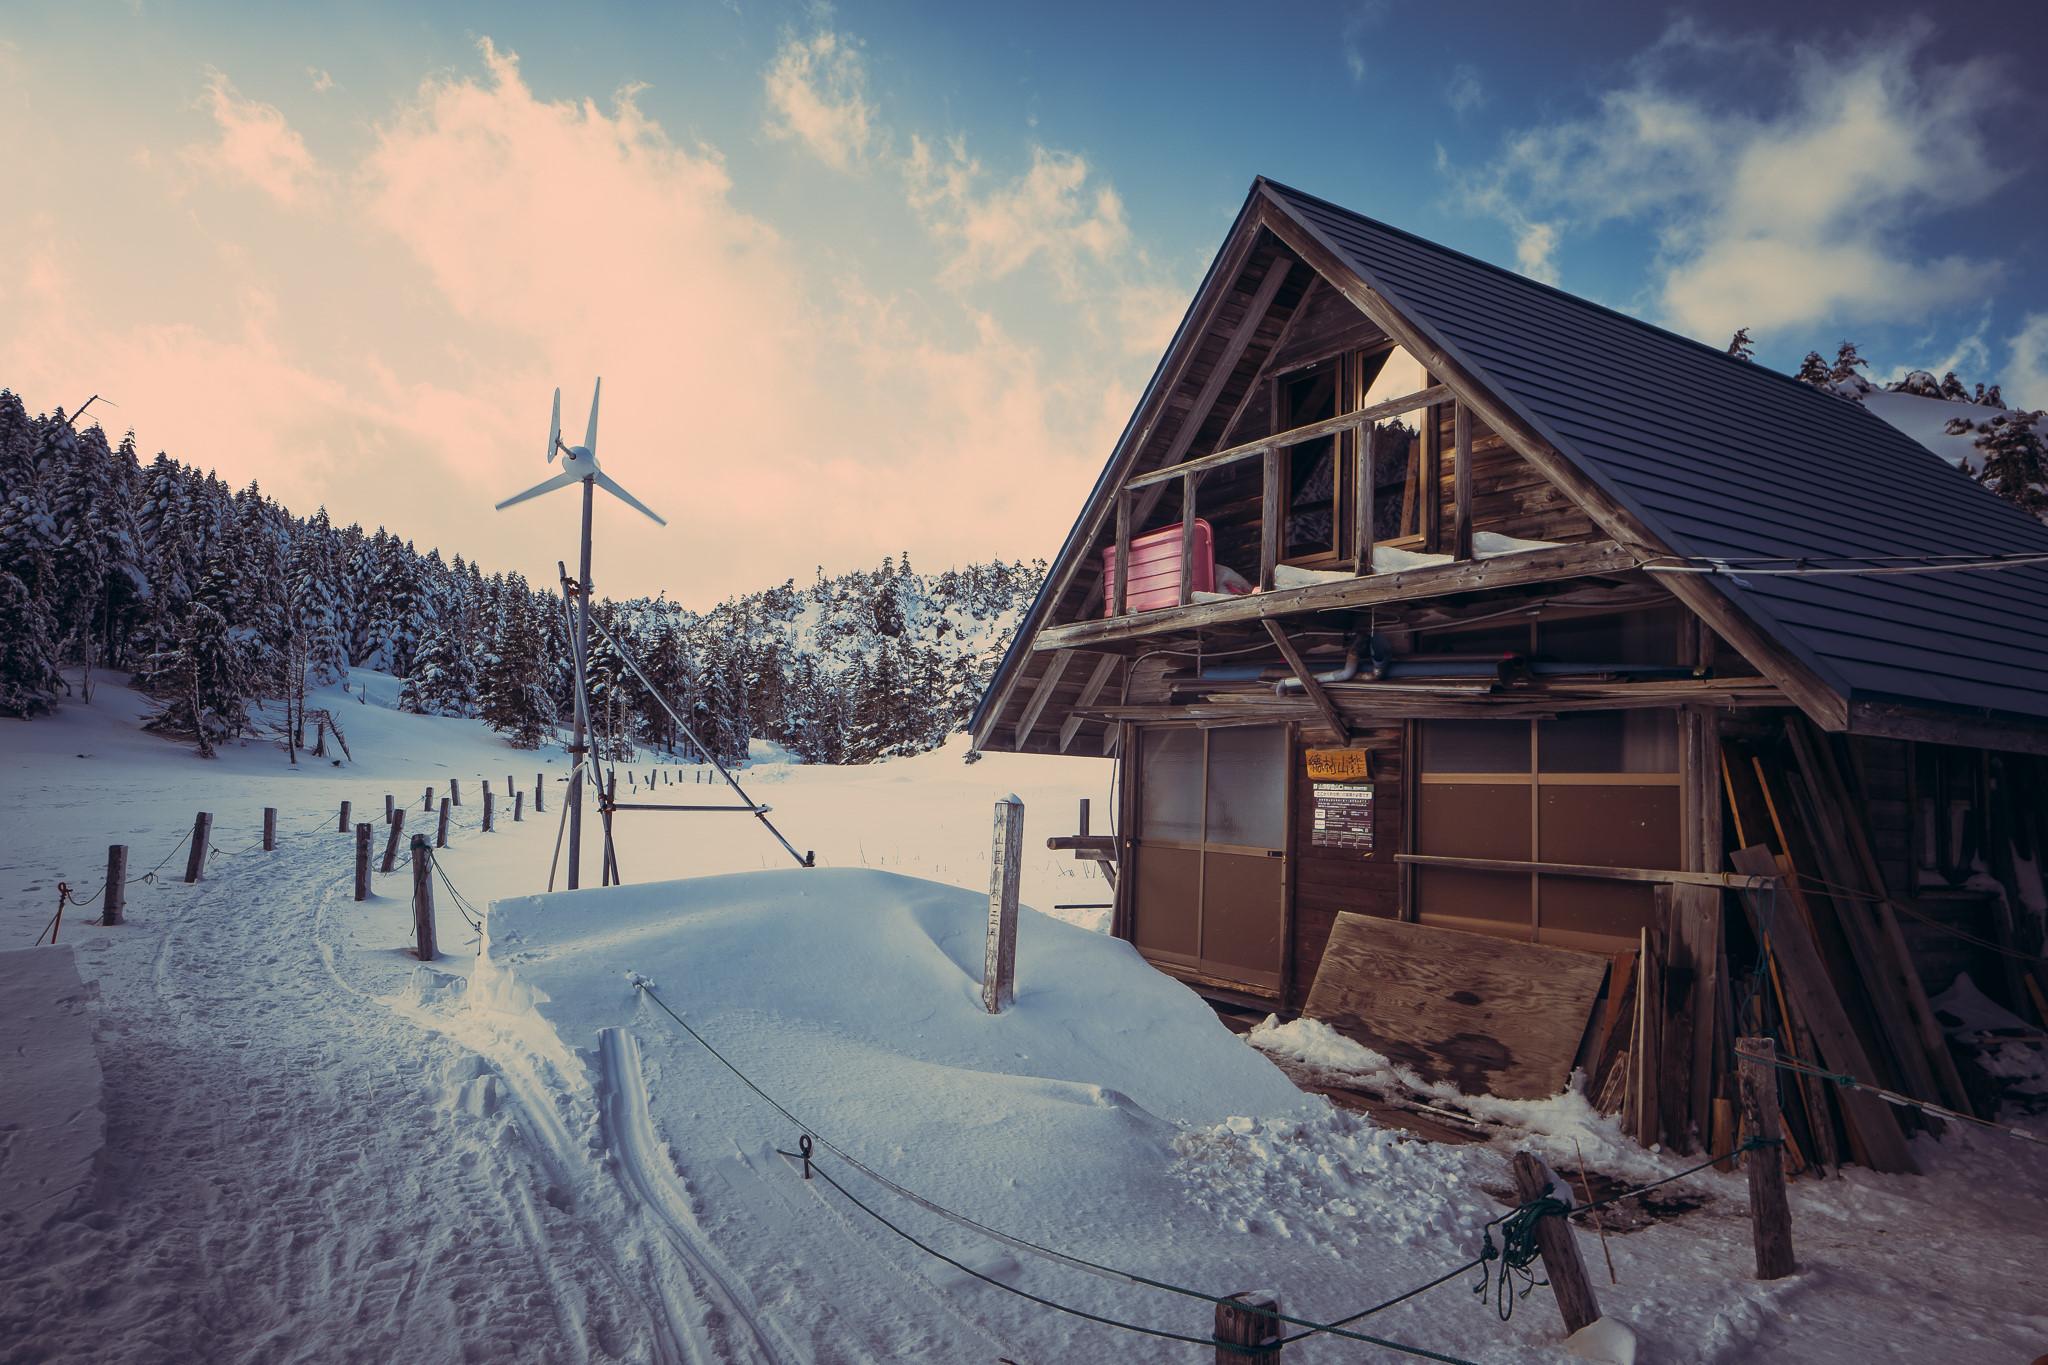 Chiêm ngưỡng thiên đường Nagano Nhật Bản vào mùa đông